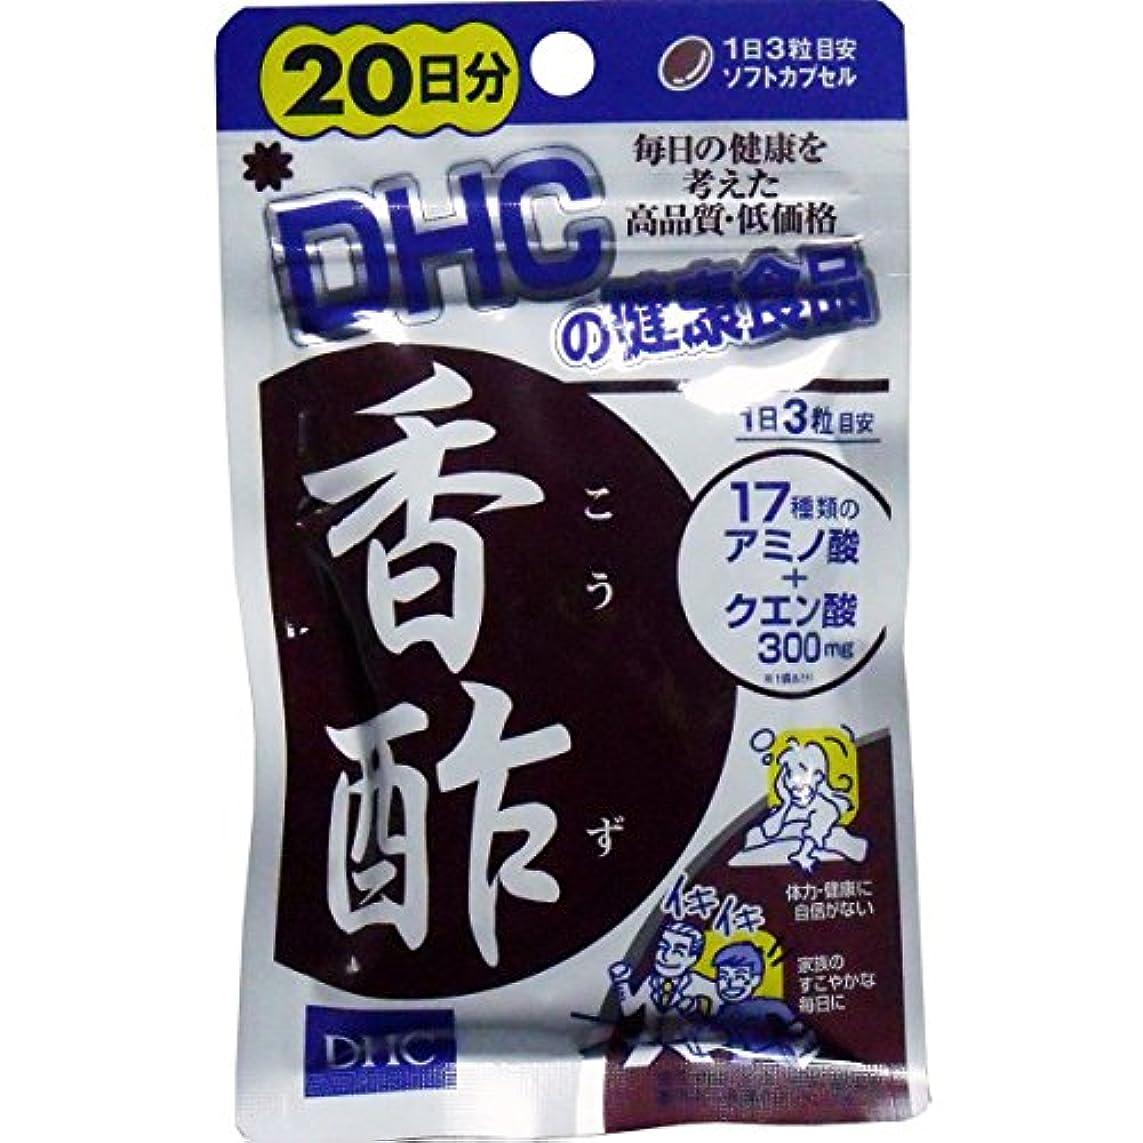 インフルエンザ線形放射能DHC 香酢 20日分 60粒入「4点セット」